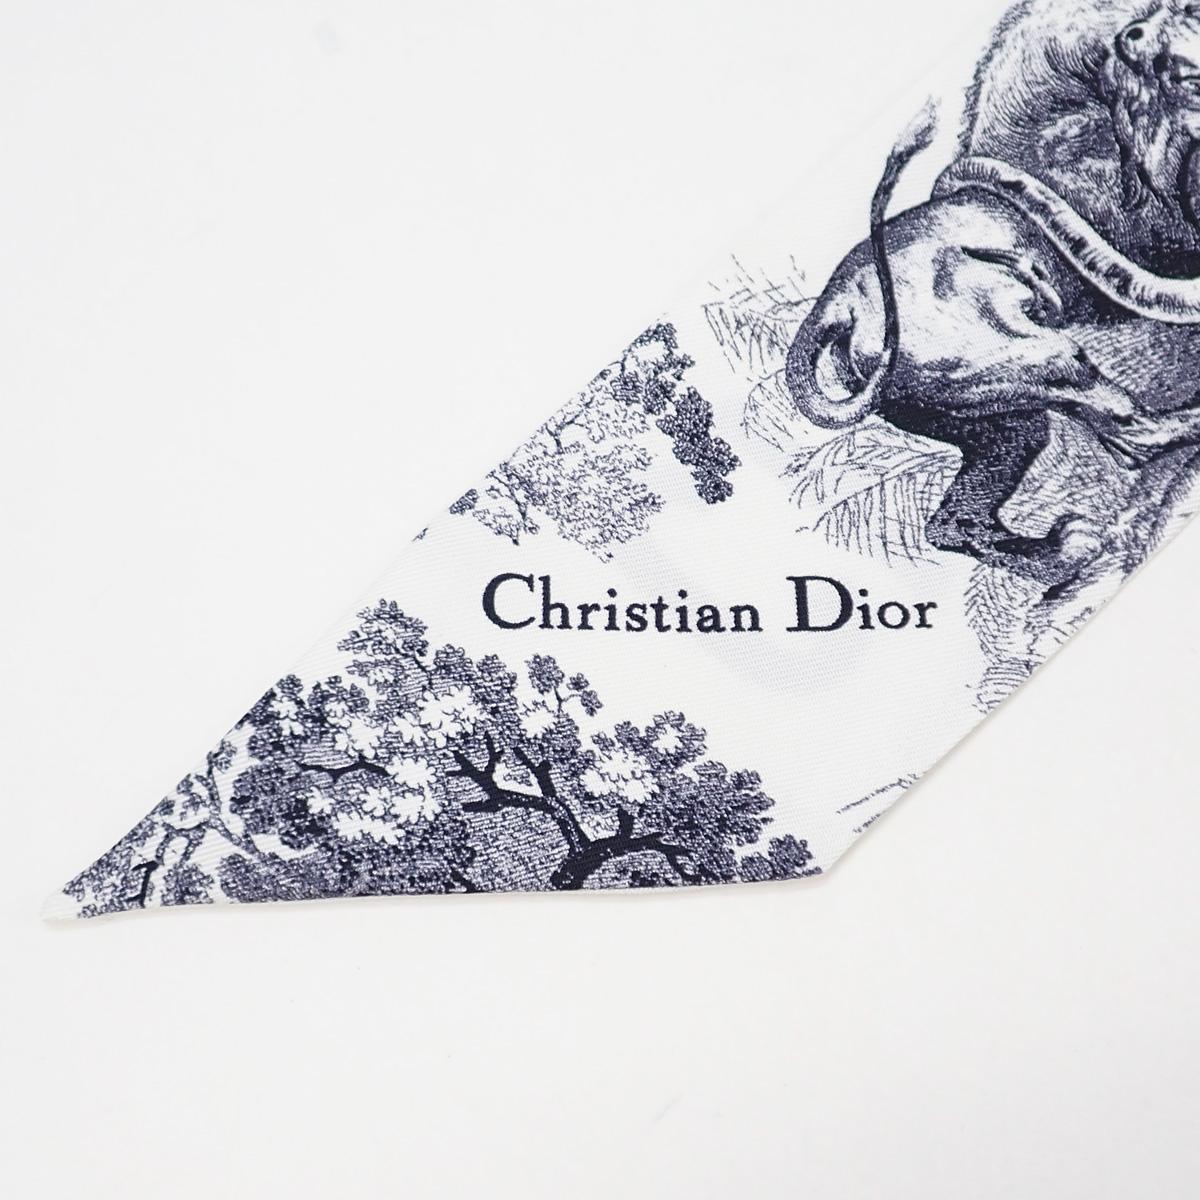 【辛口評価】【ABランク】Christian Dior クリスチャン ミッツァ スカーフ トワル ドゥ ジュイ シルクツイル スカーフ 94TOJ106I600_C512 シルク100% ブルー